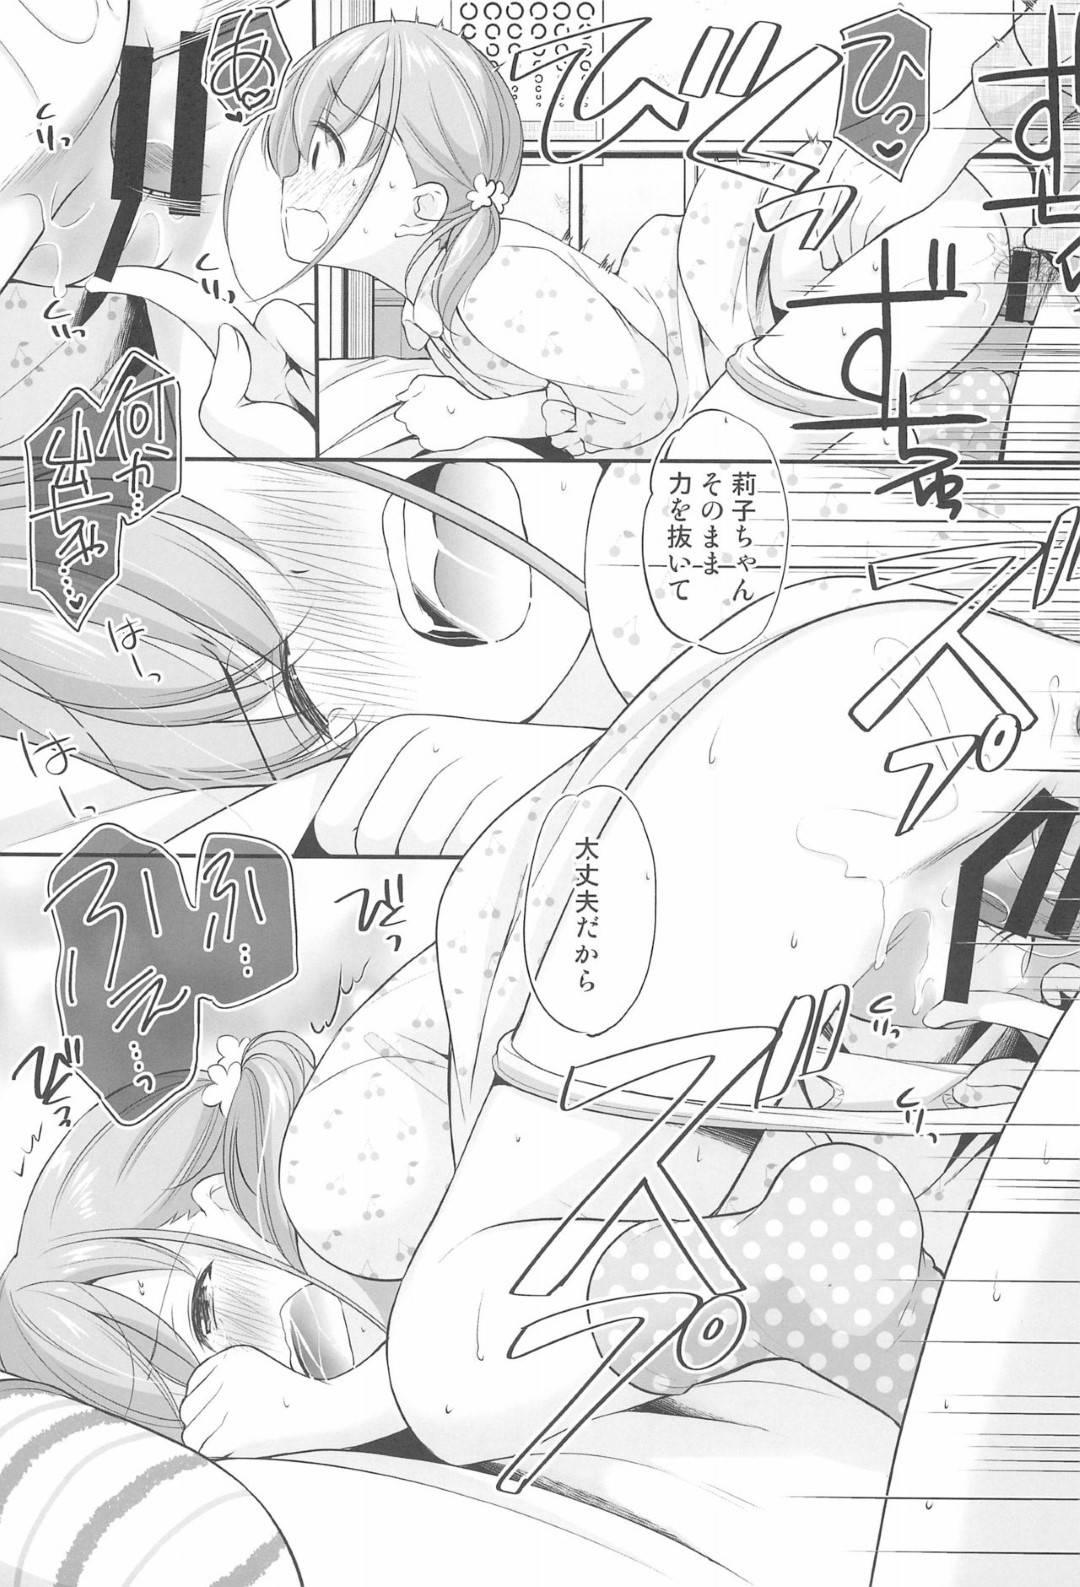 【JS4Pエロ漫画】授業中にオナニーしていた彩乃は先生に生ハメセックスしてもらうと、莉子と葉月も現れ4Pセックスでアクメする【あずまゆき】